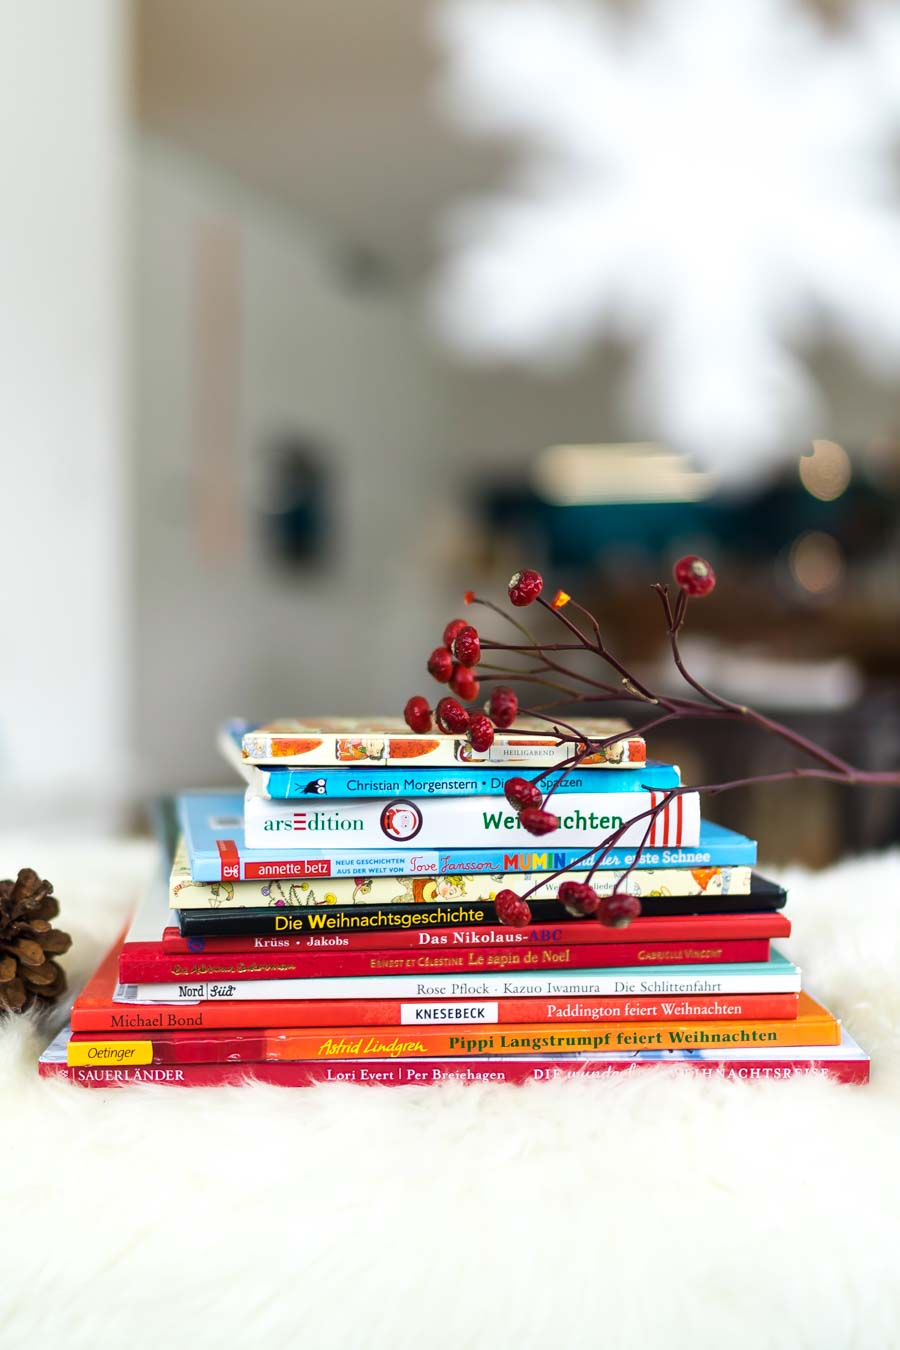 Weihnachtsbücher für Kinder: Bücher über Weihnachtszeit, Advent, Weihnachtsgeschenke und die Weihnachtsgeschichte. Unsere liebsten Weihnachtsgeschichten für Kinder auf dem Blog: www.chezmamapoule.com Alle Bildrechte: Ellen Girod #weihnachten #bilderbücher #weihnachtsbücher